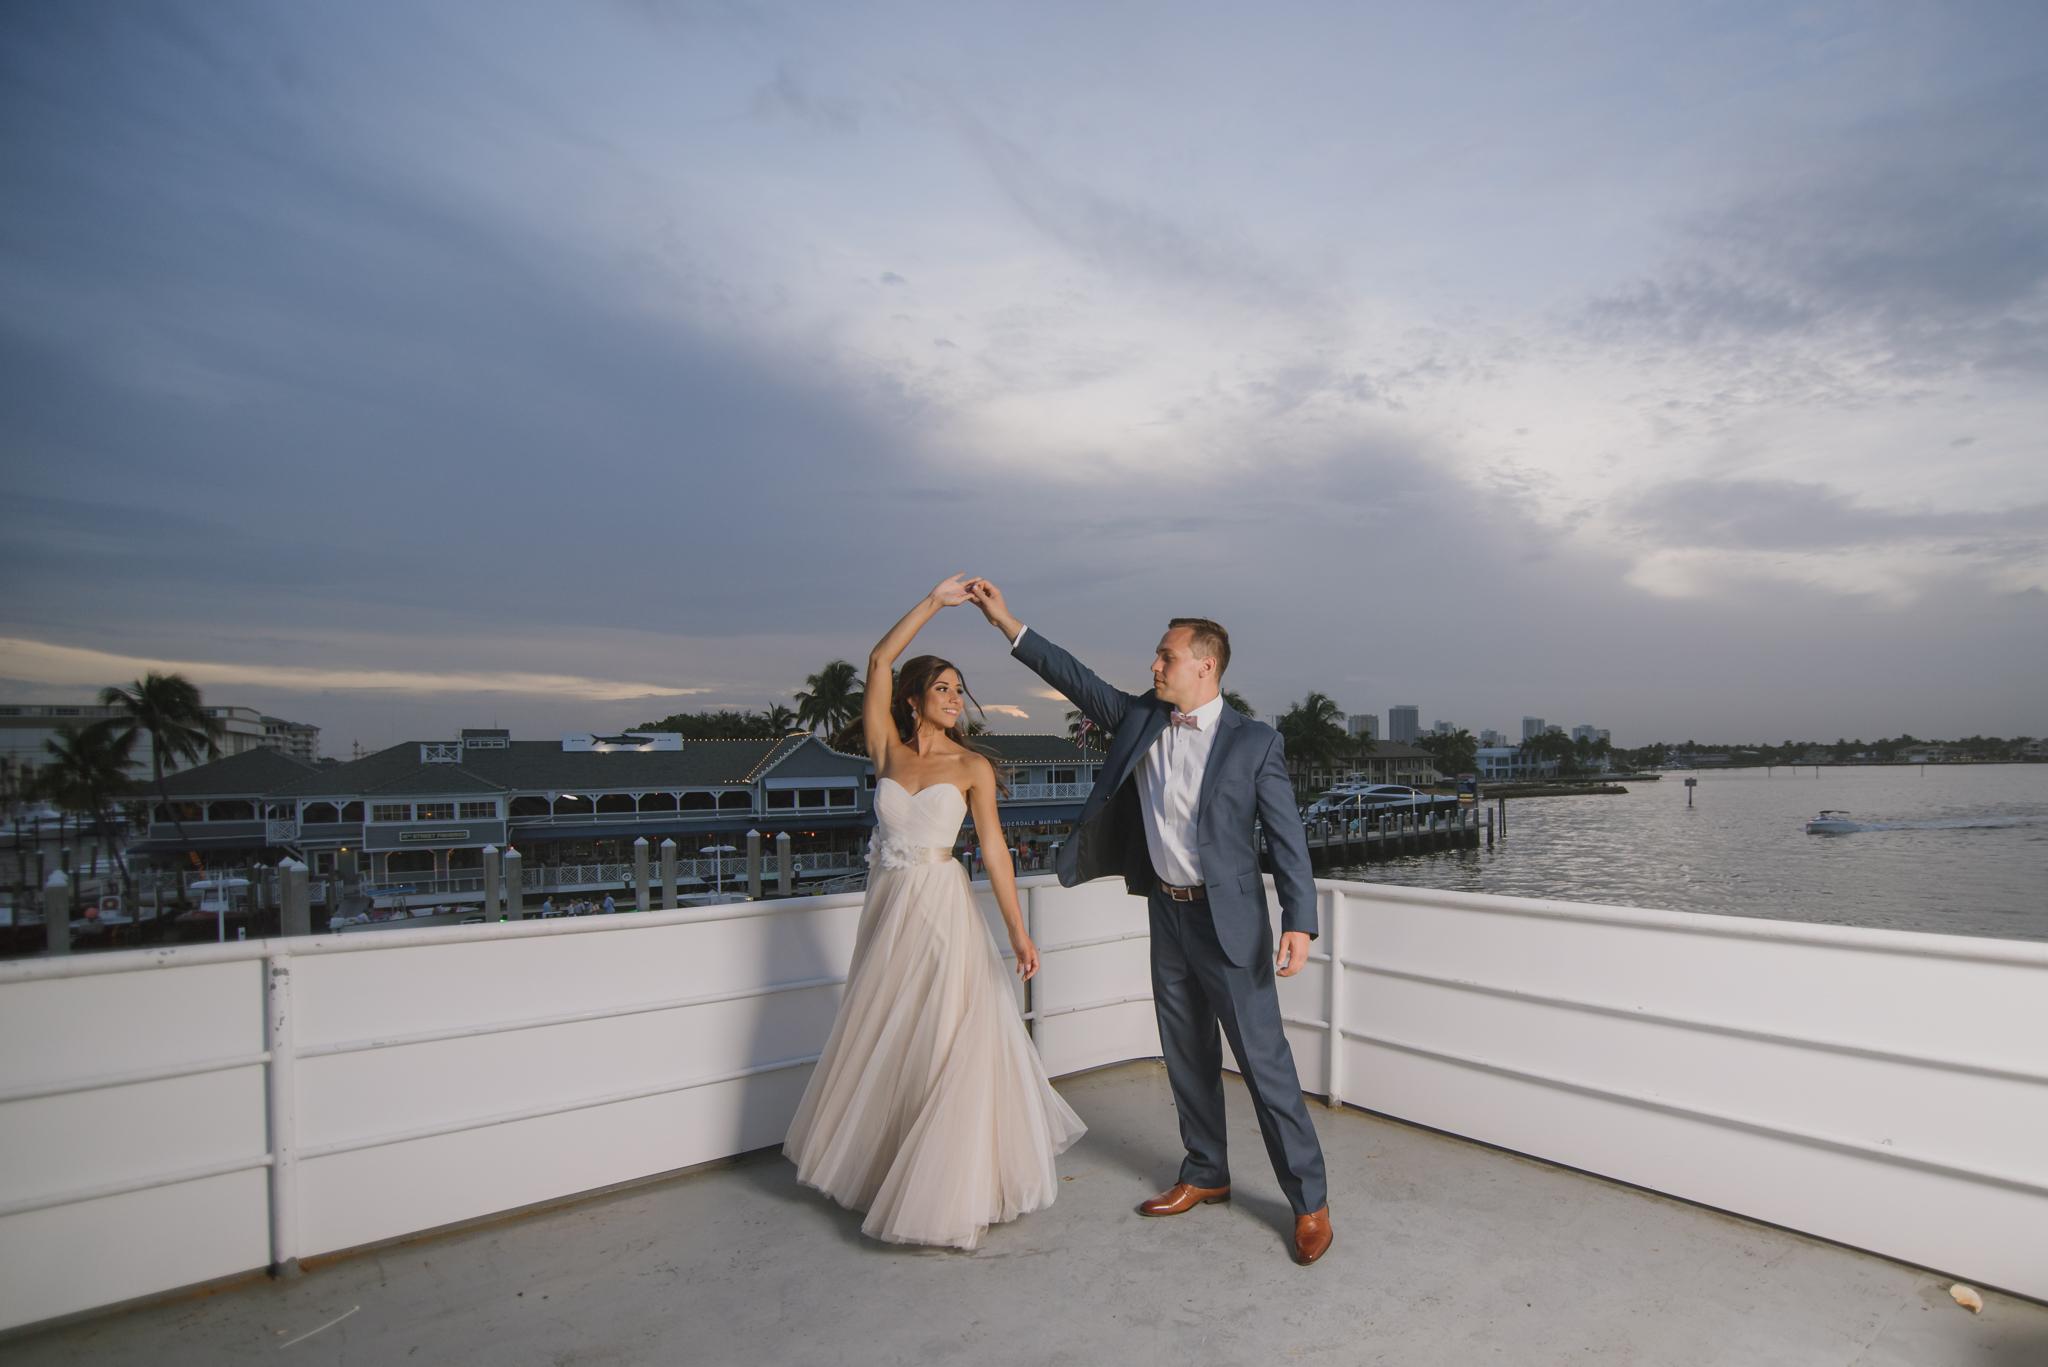 ASHLEY + MATT WEDDING: GALLERY ONE HOTEL &  SUN DREAM YACHT CHARTERS IN SUNRISE, FL